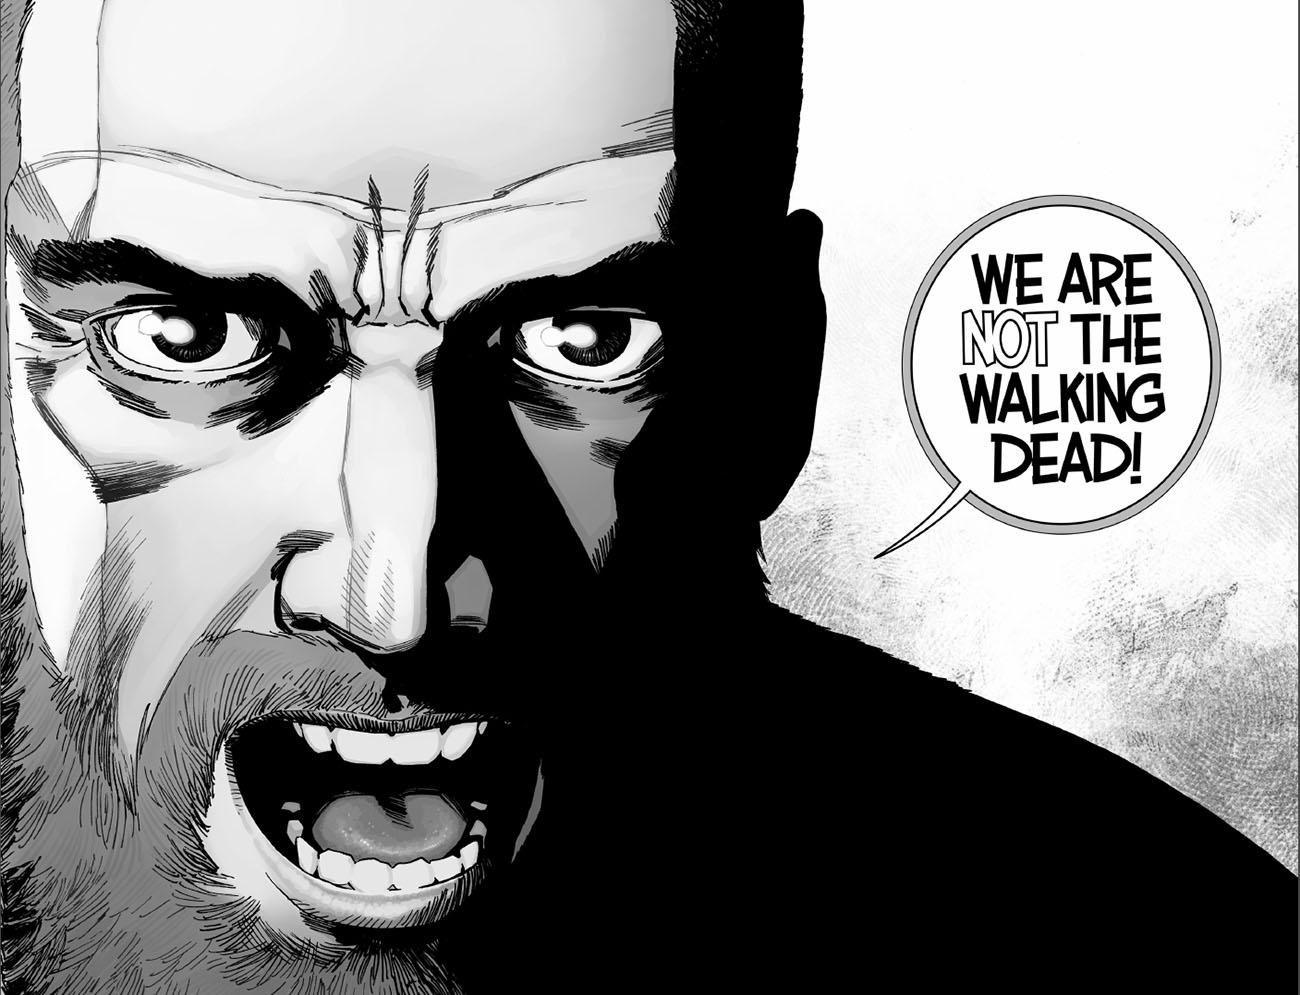 «ما مردهی متحرک نیستیم!» - حرفهای ریک گرایمز در شمارههای اخیر کاملاً با حرفهای قبلیاش فرق دارند.